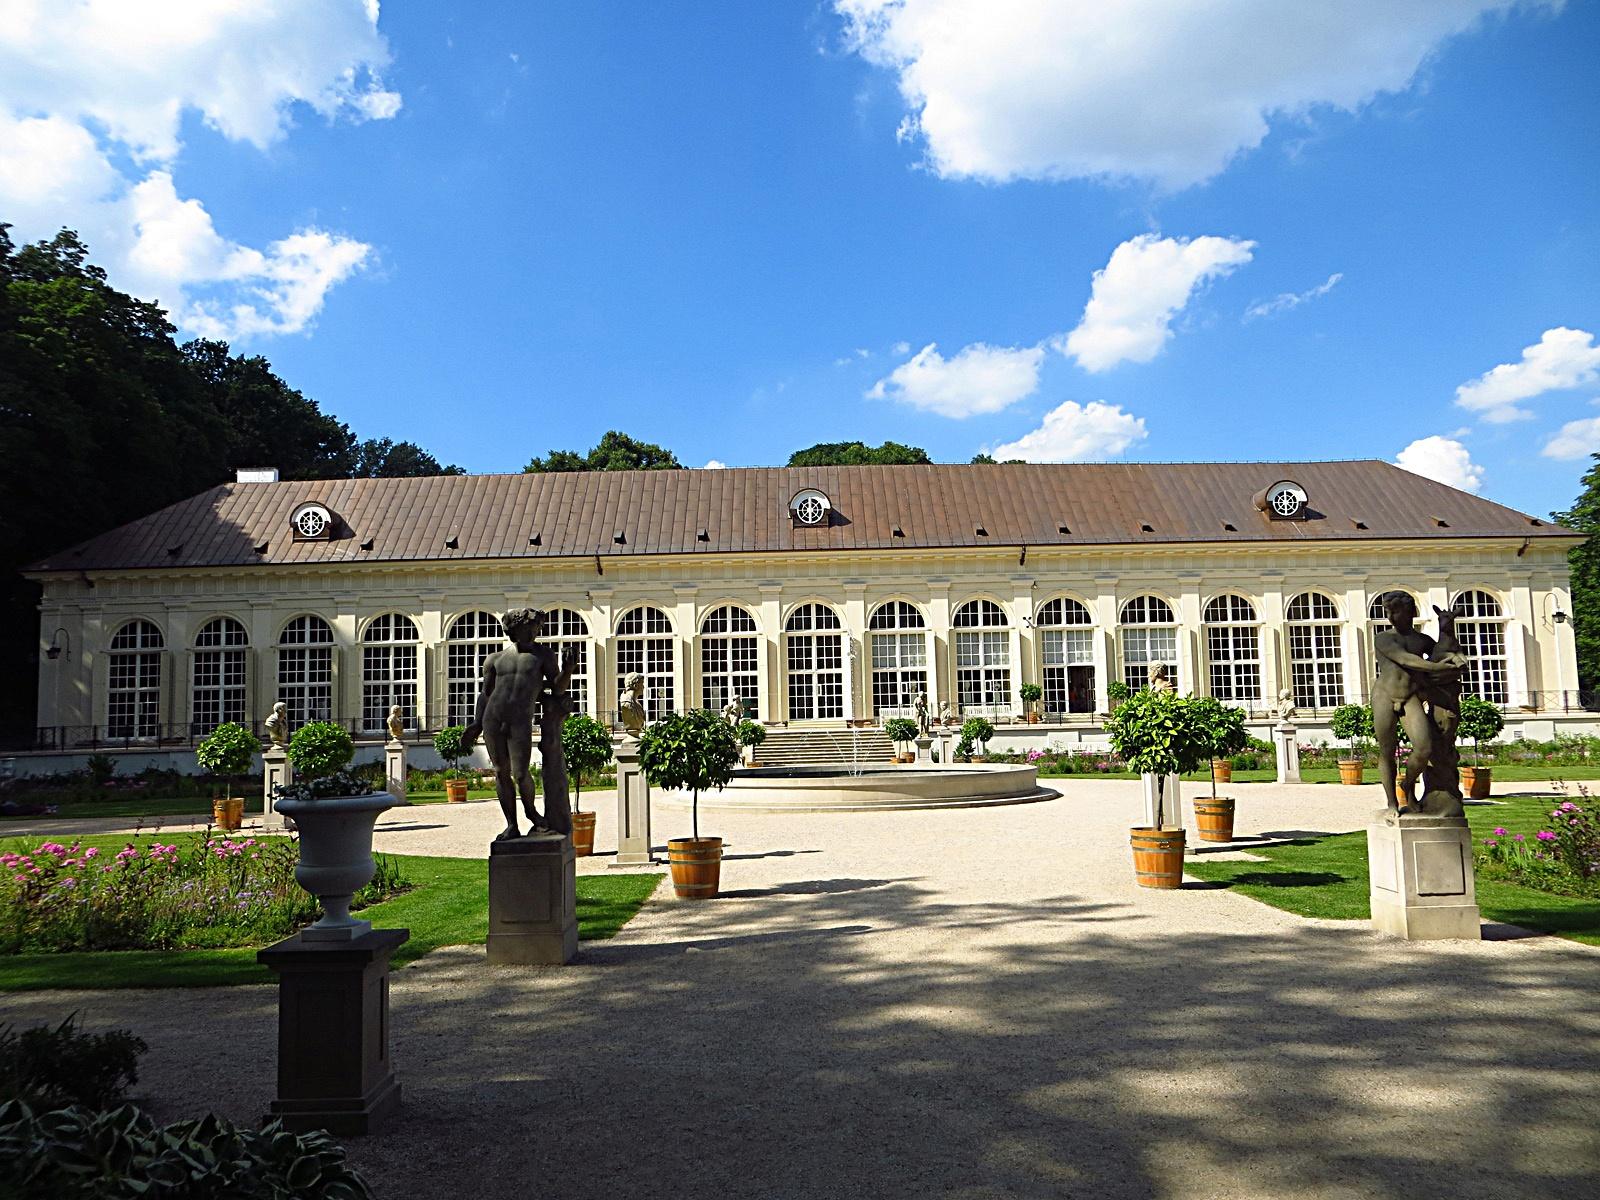 Filełazienki Królewskie Stara Pomaranczarnia Panoramio